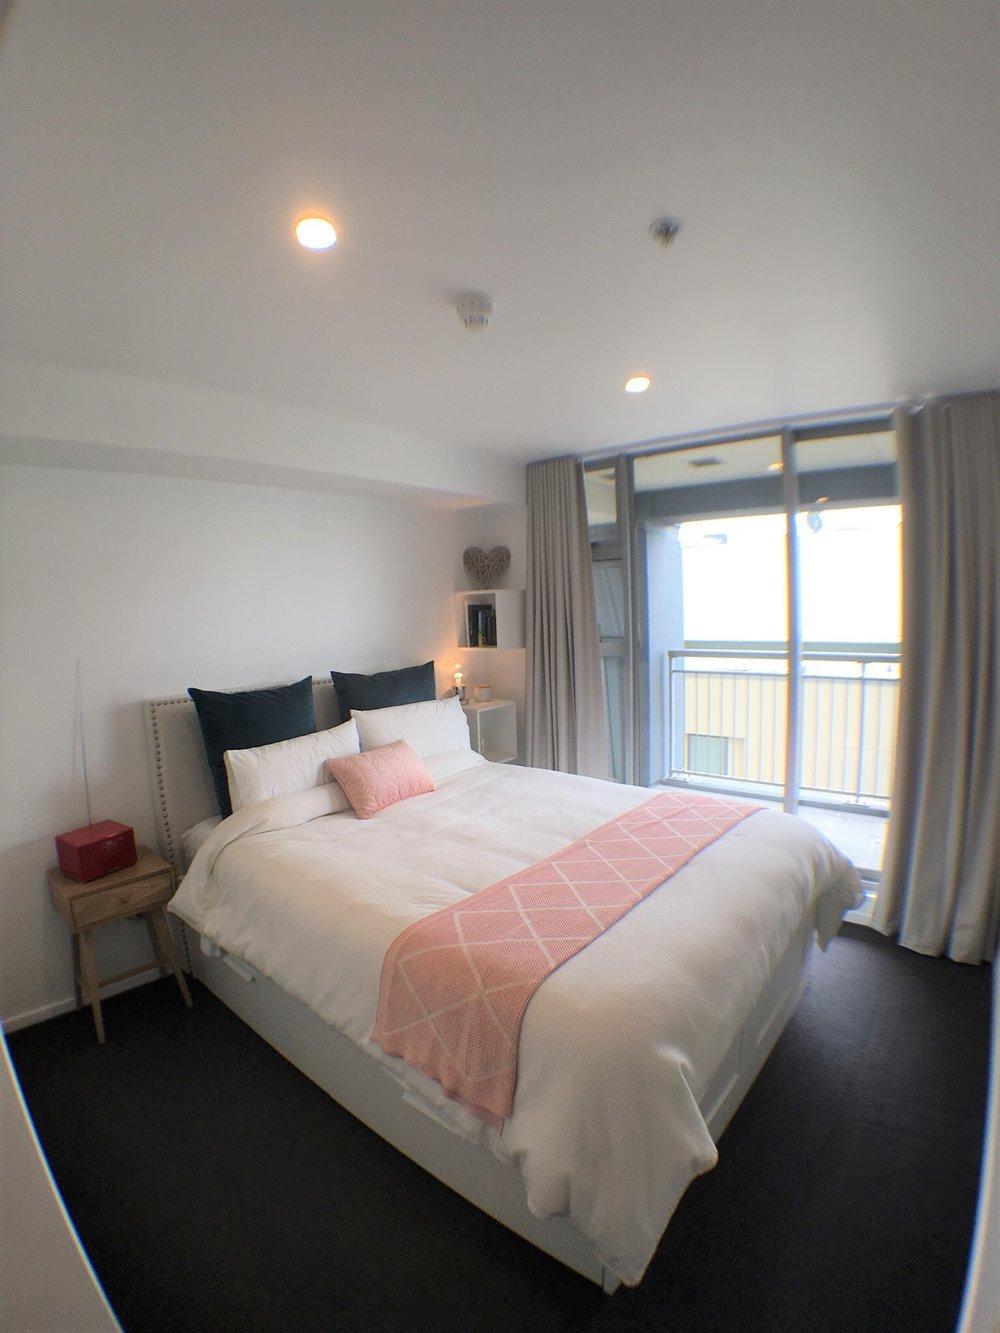 SA508 Bedroom 2 IMG_5296.jpeg